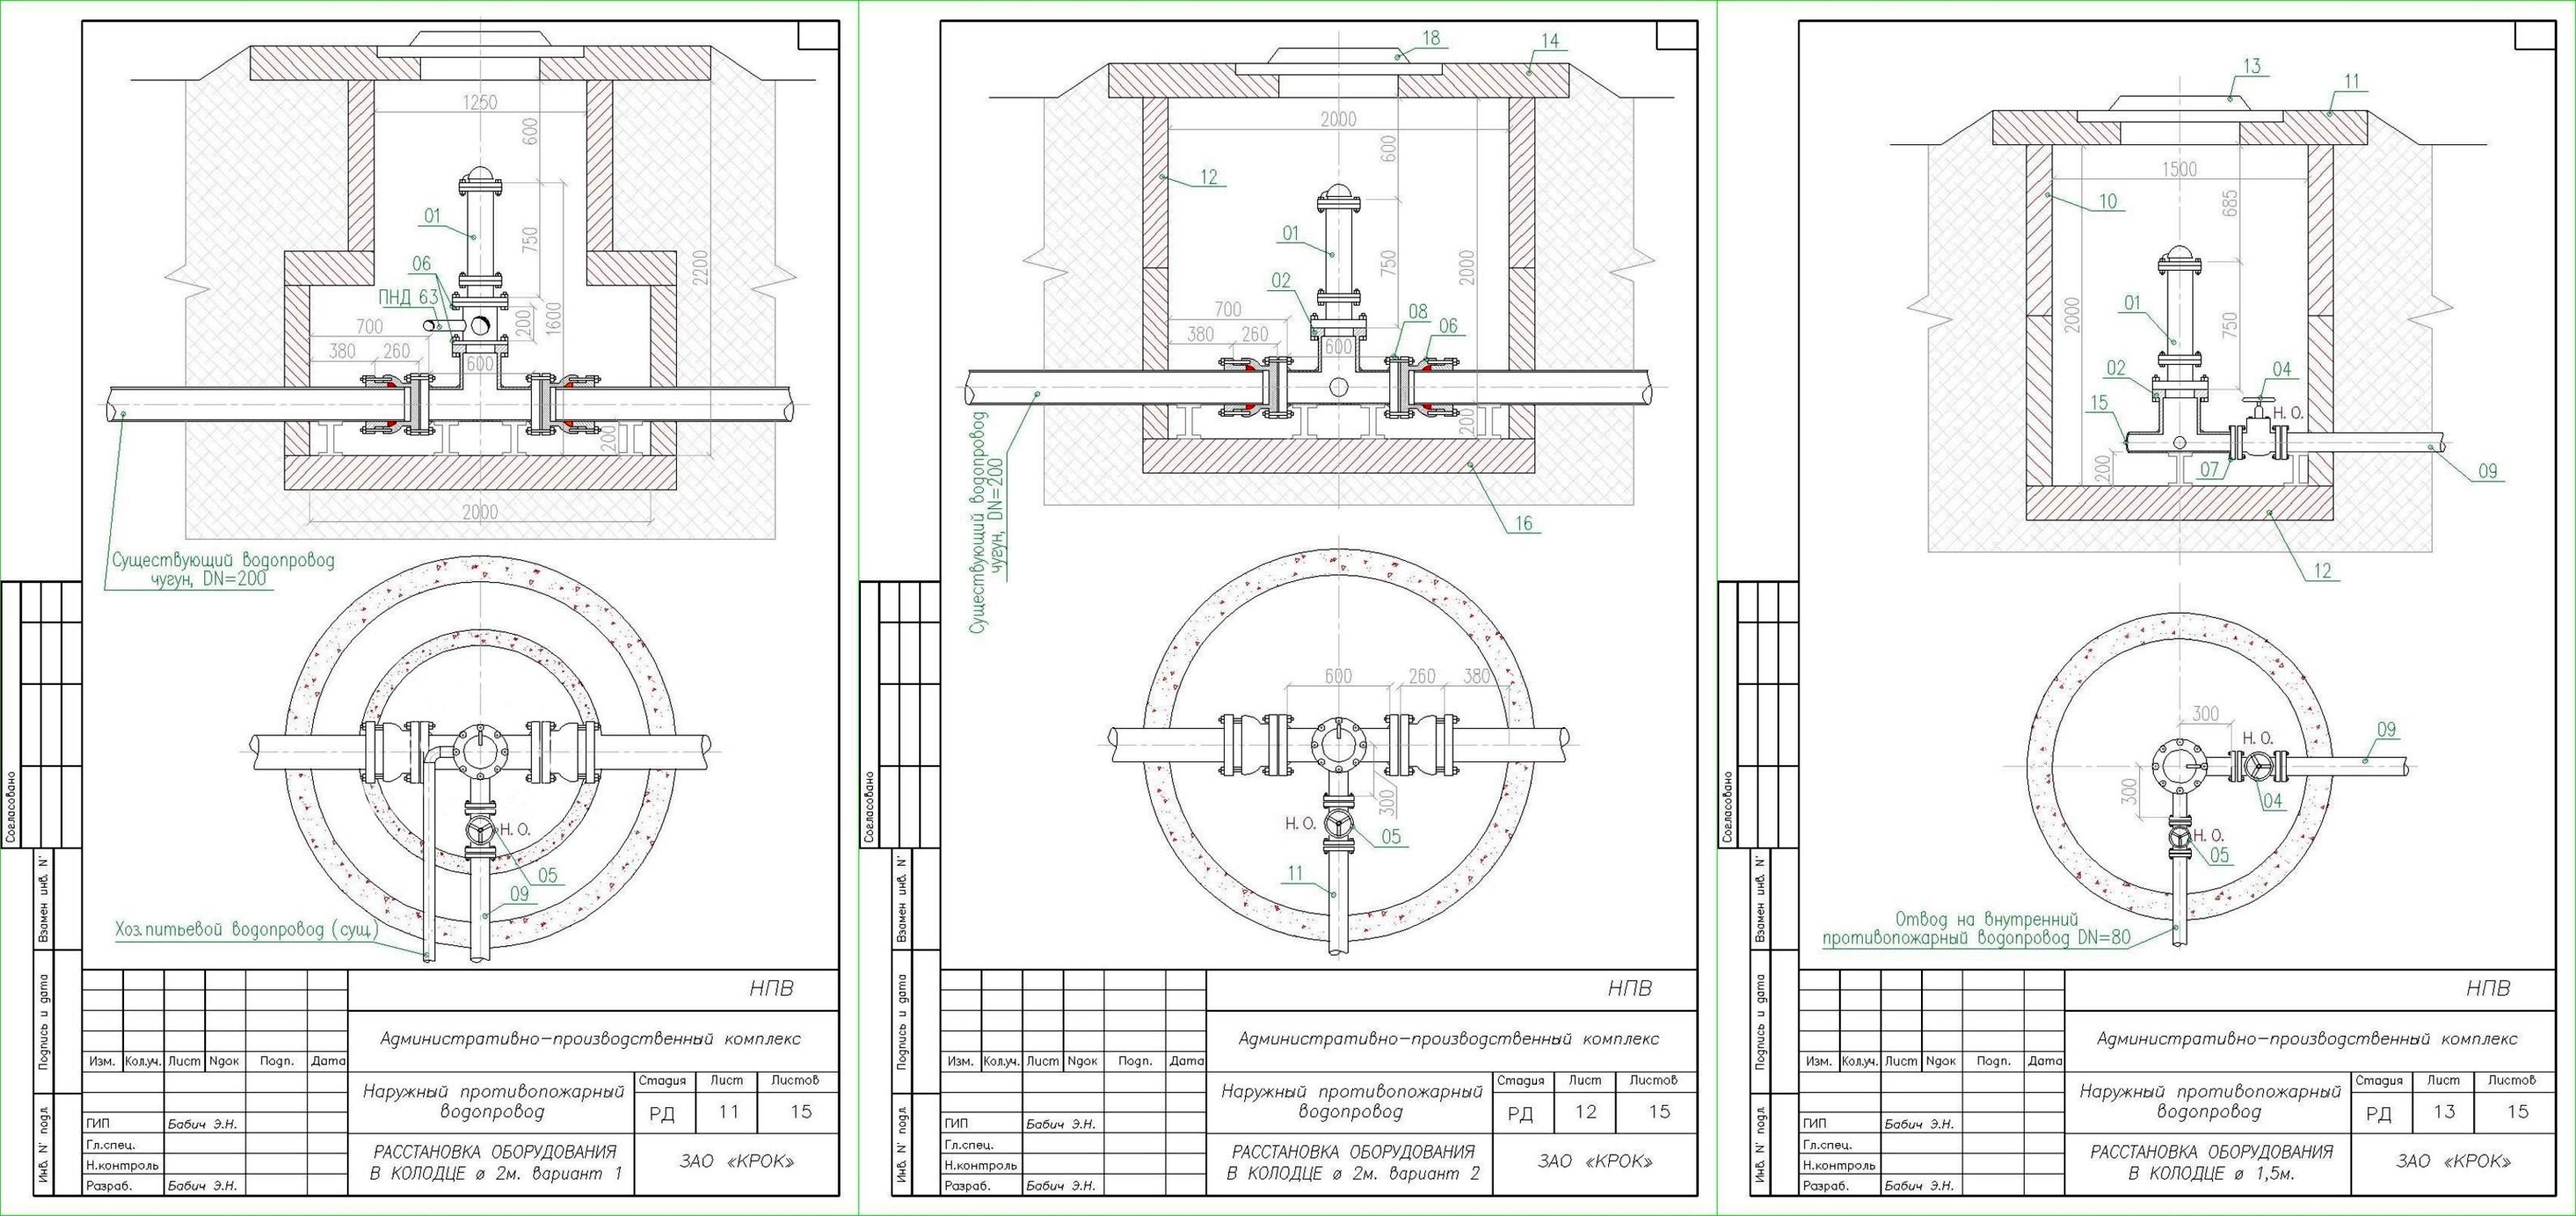 Установка гидрантов в колодцах. Наружный противопожарный водопровод (НПВ)